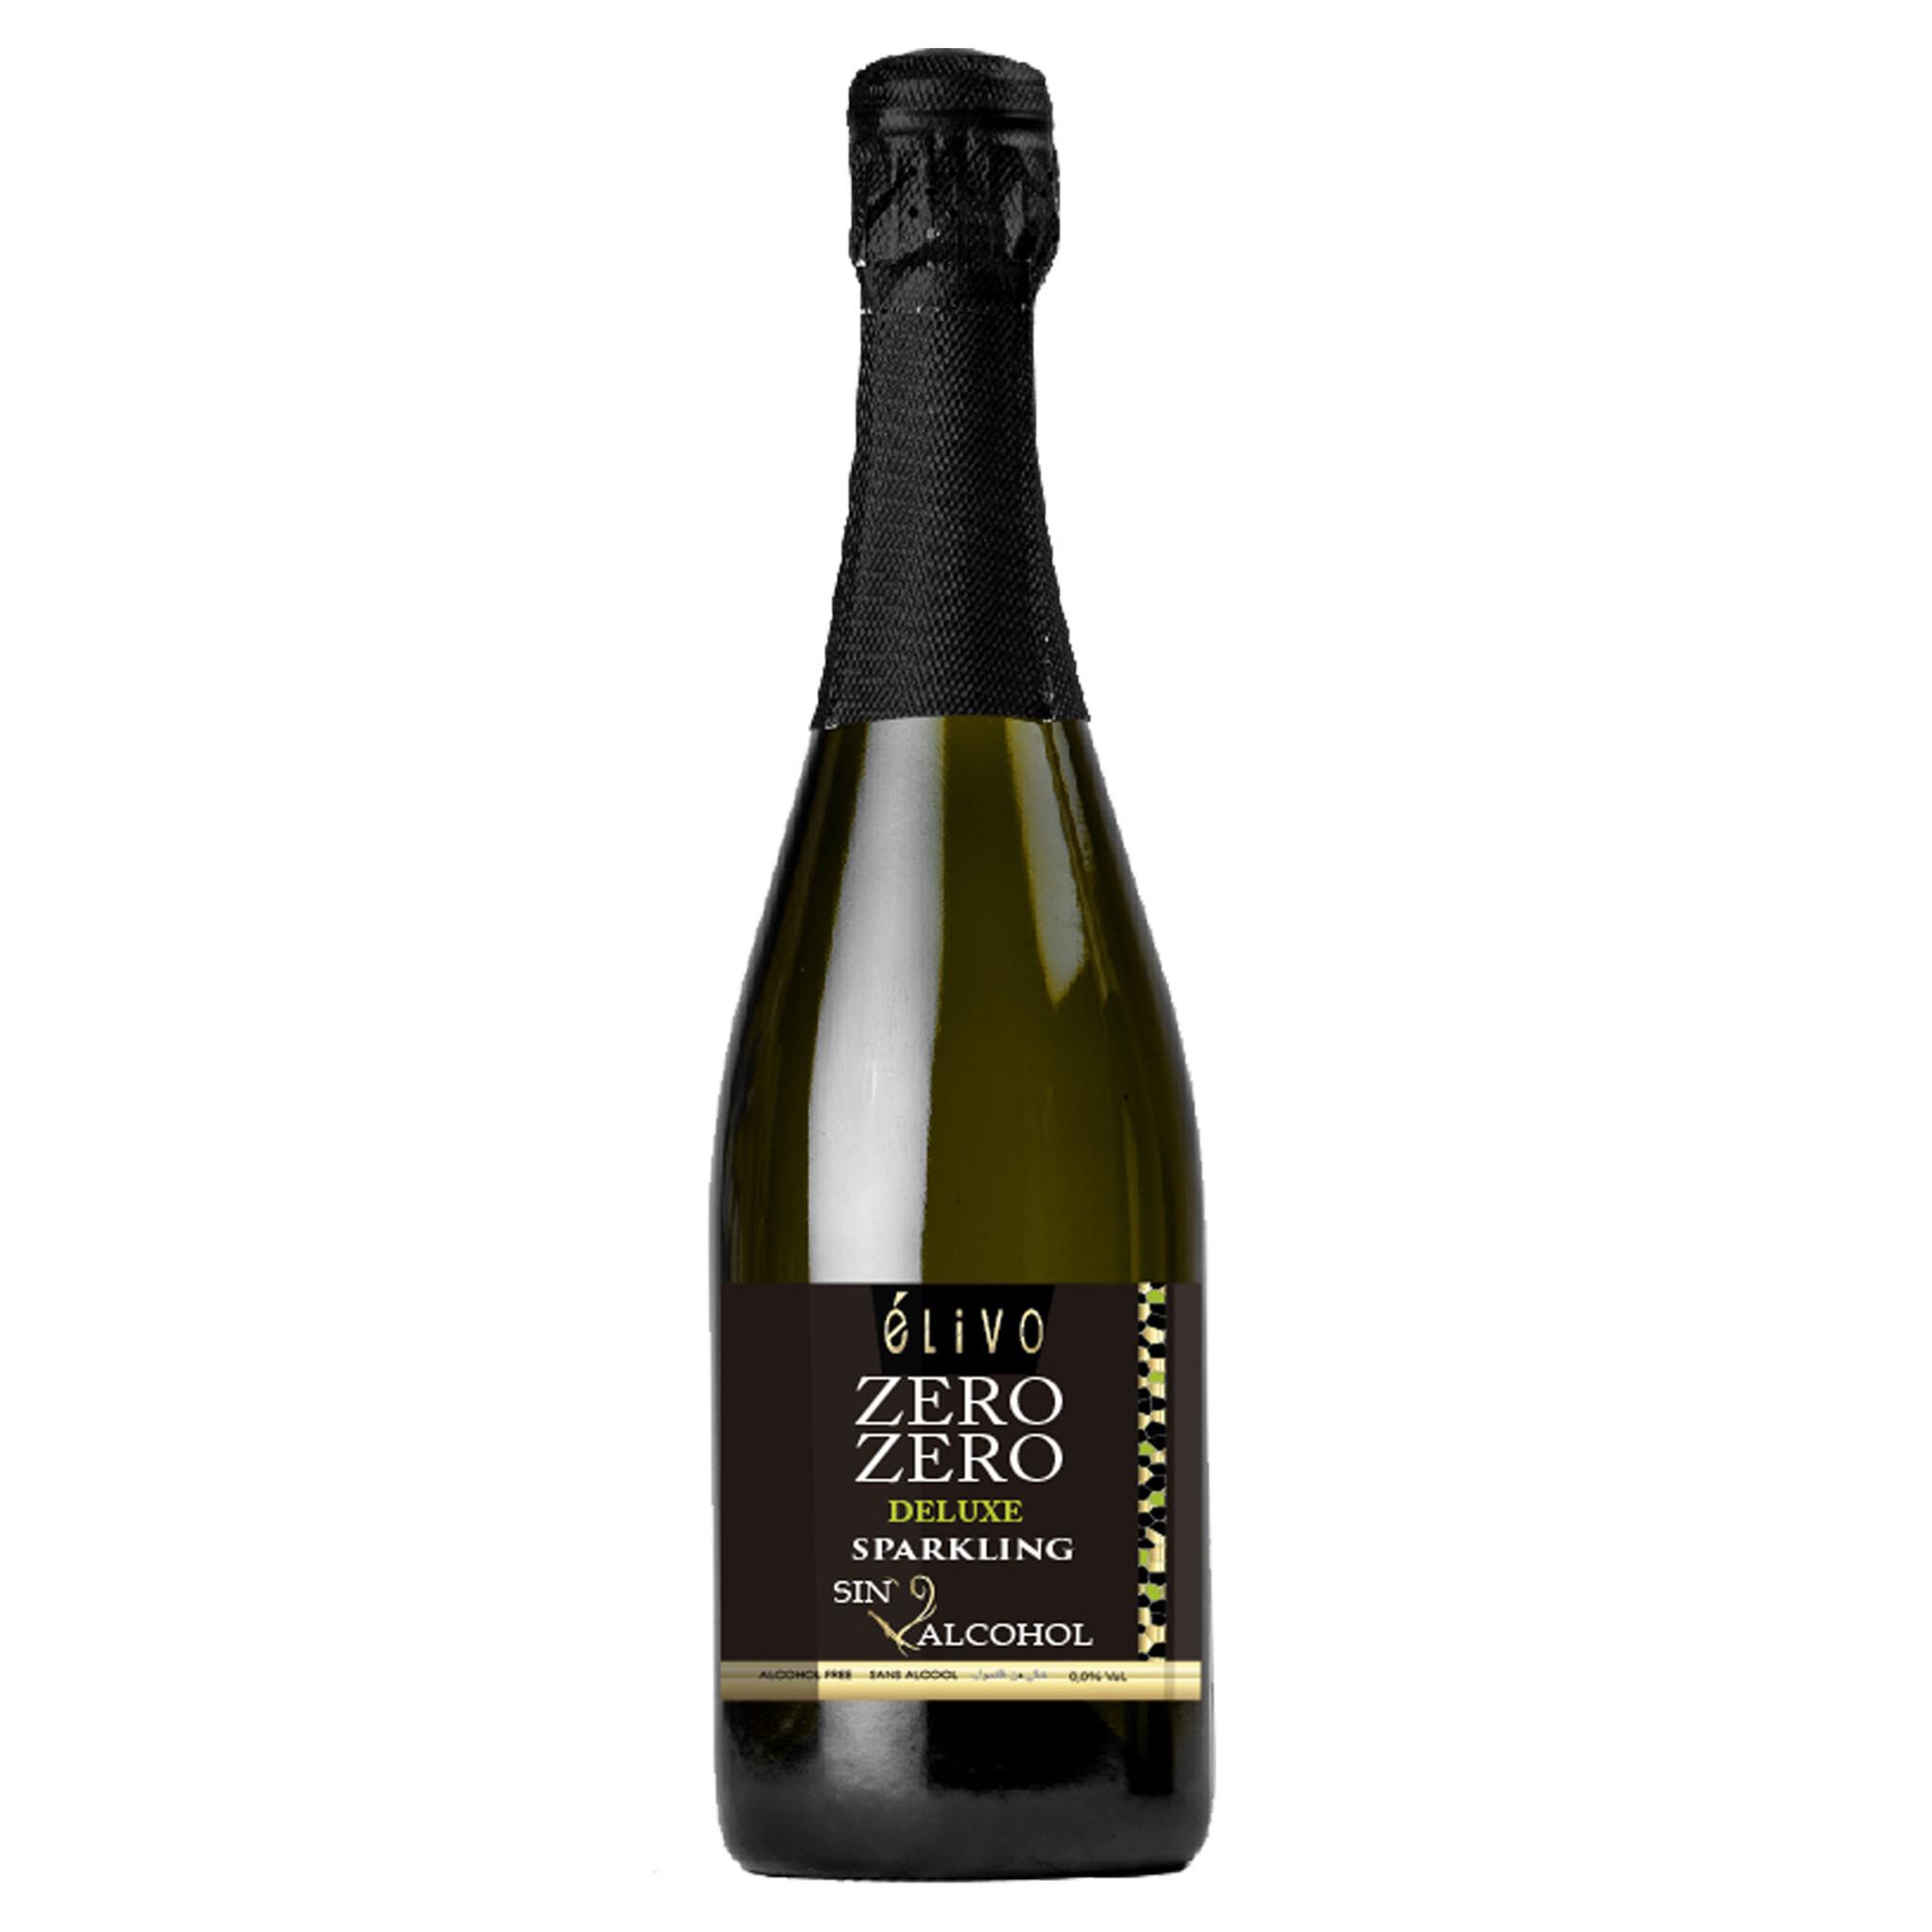 Zero Zero Deluxe Sparkling